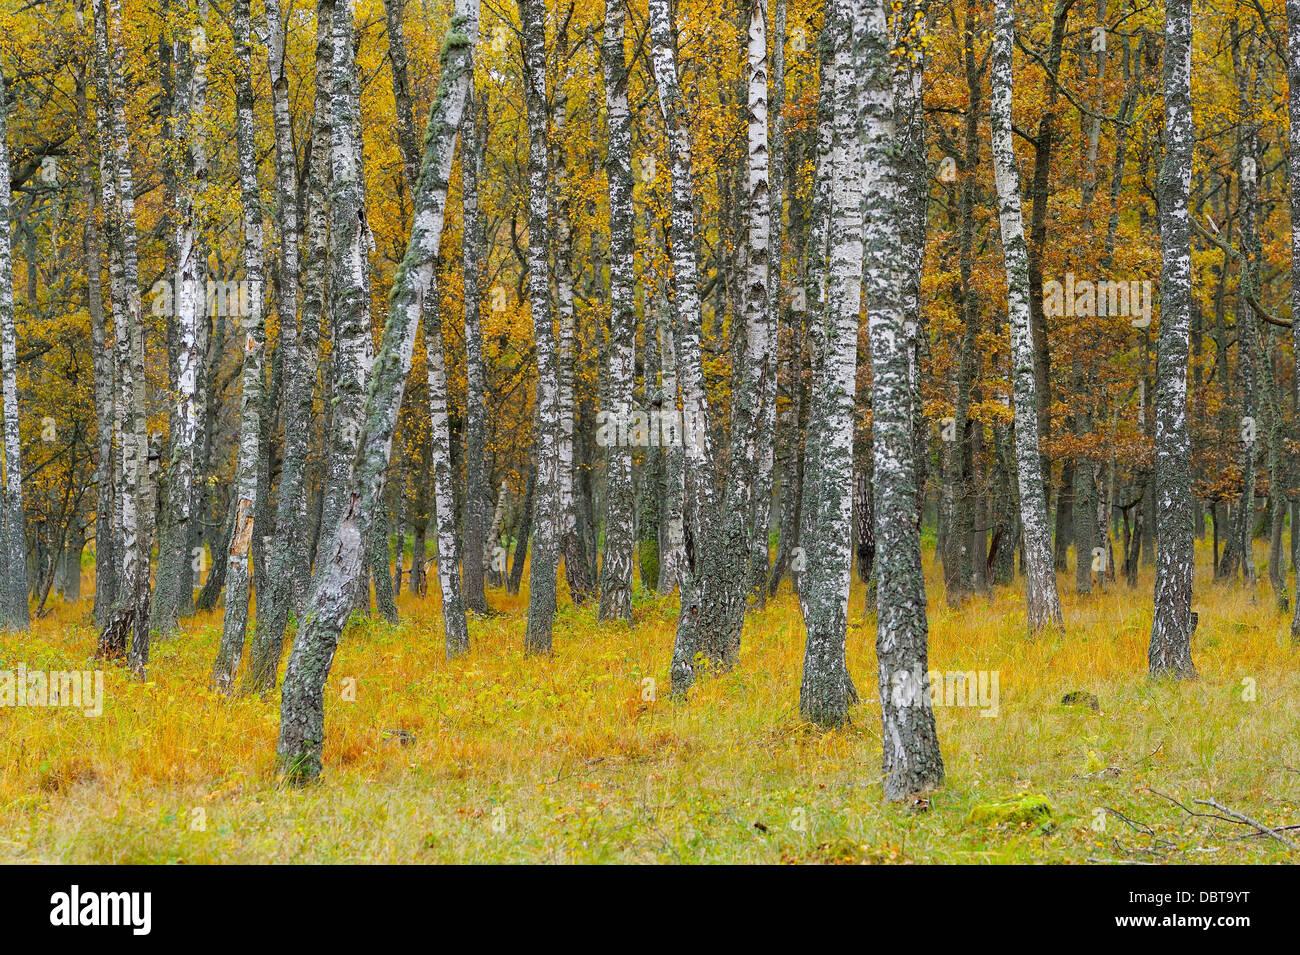 Birch trees - Stock Image